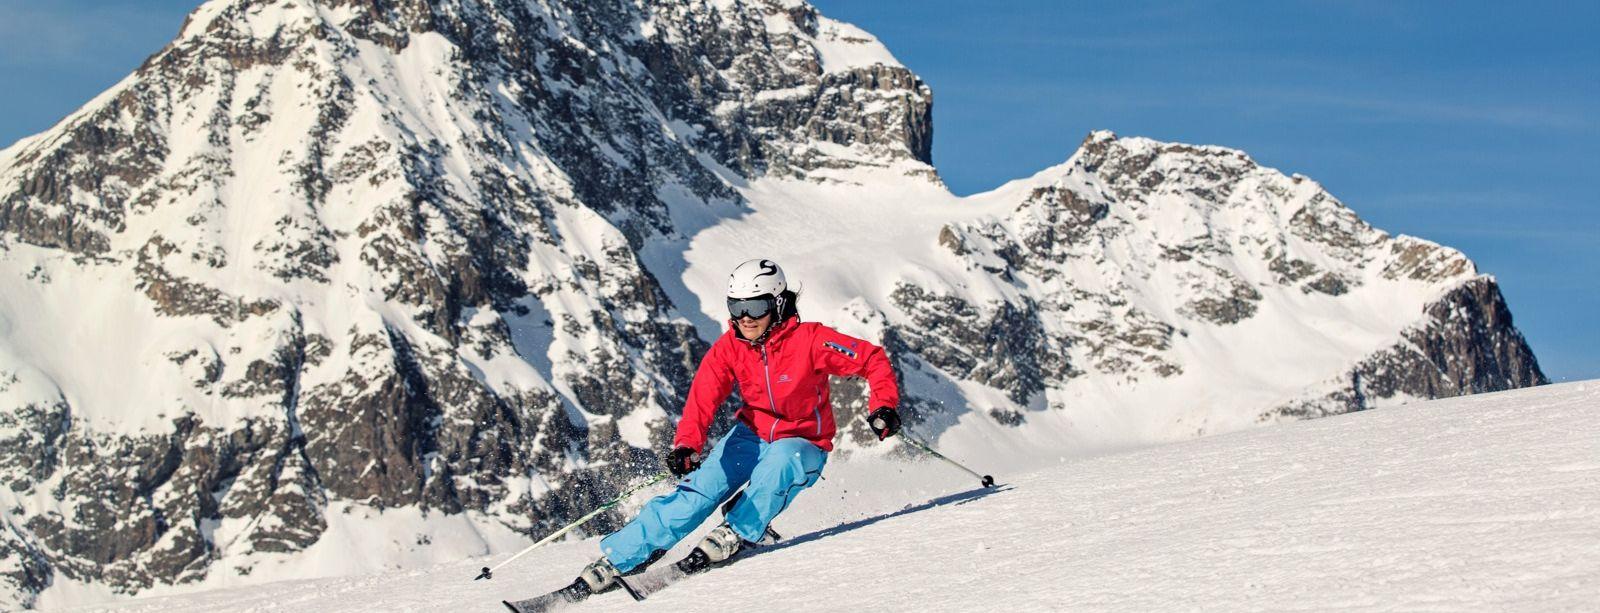 Engadin St. Moritz - Skifahren